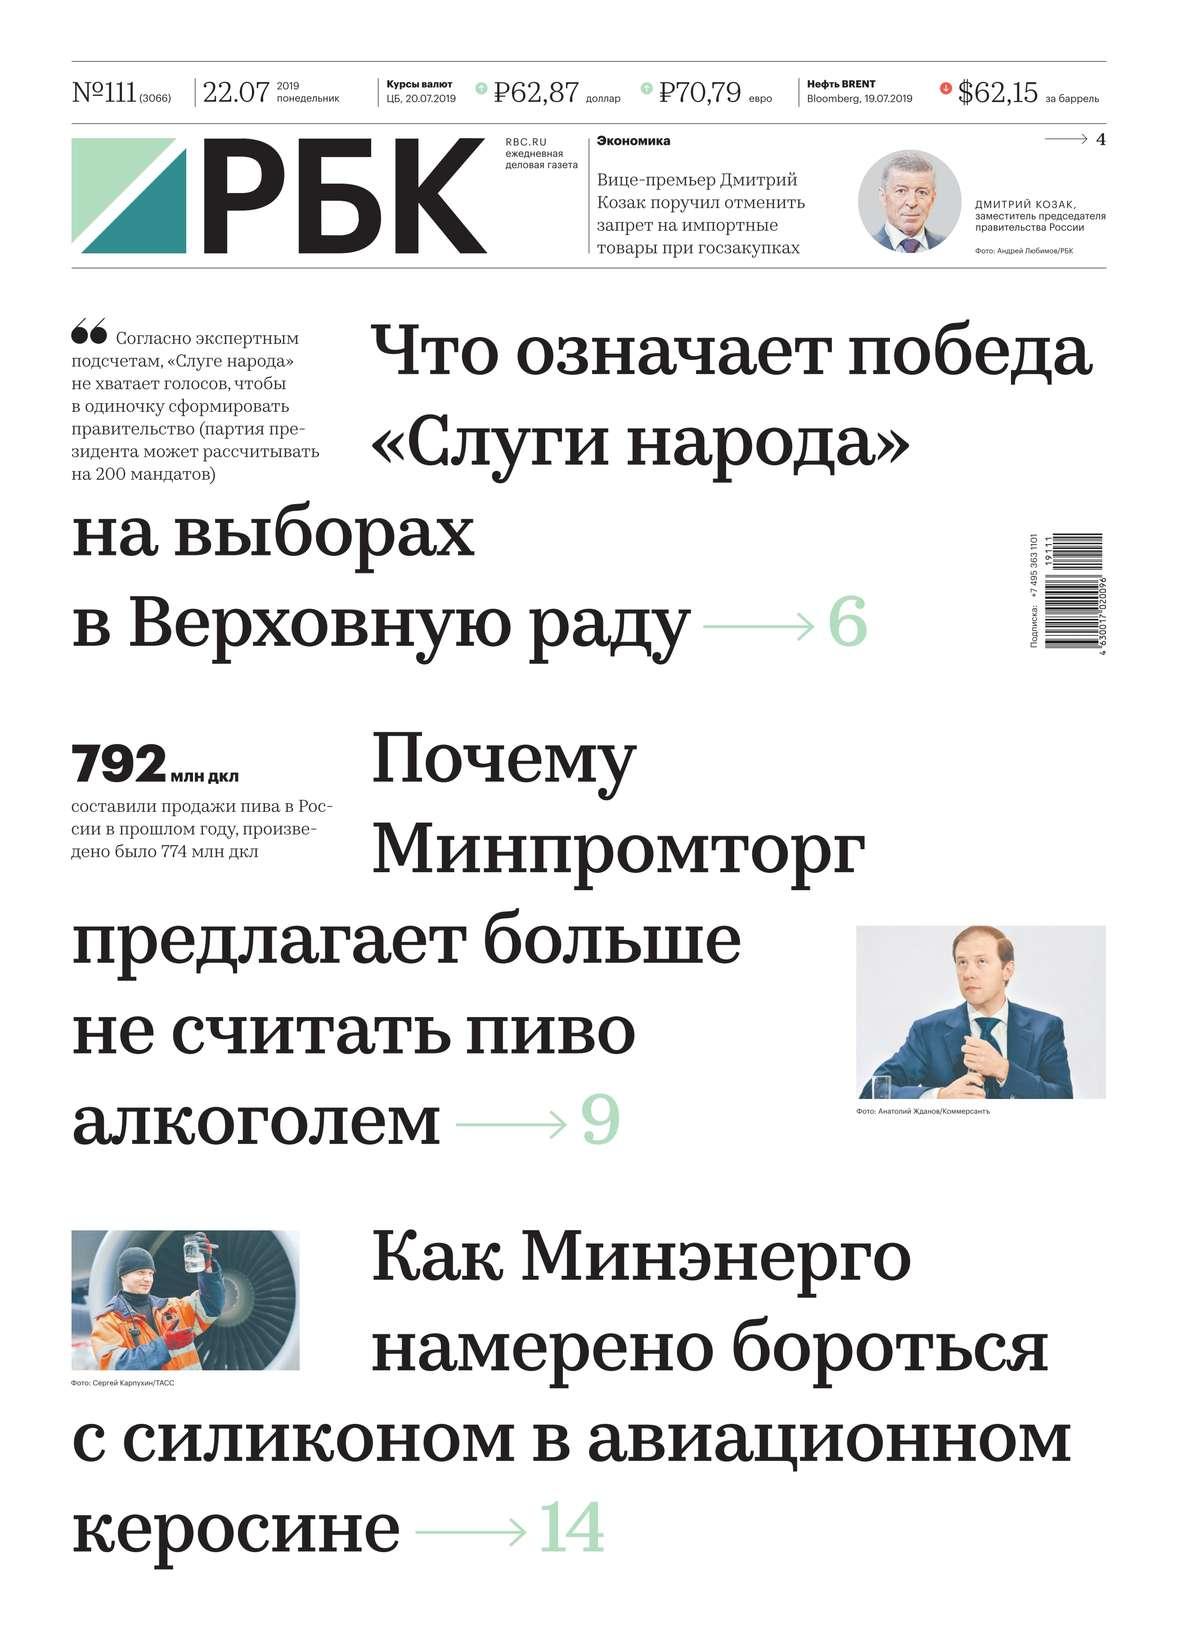 Ежедневная Деловая Газета Рбк 111-2019